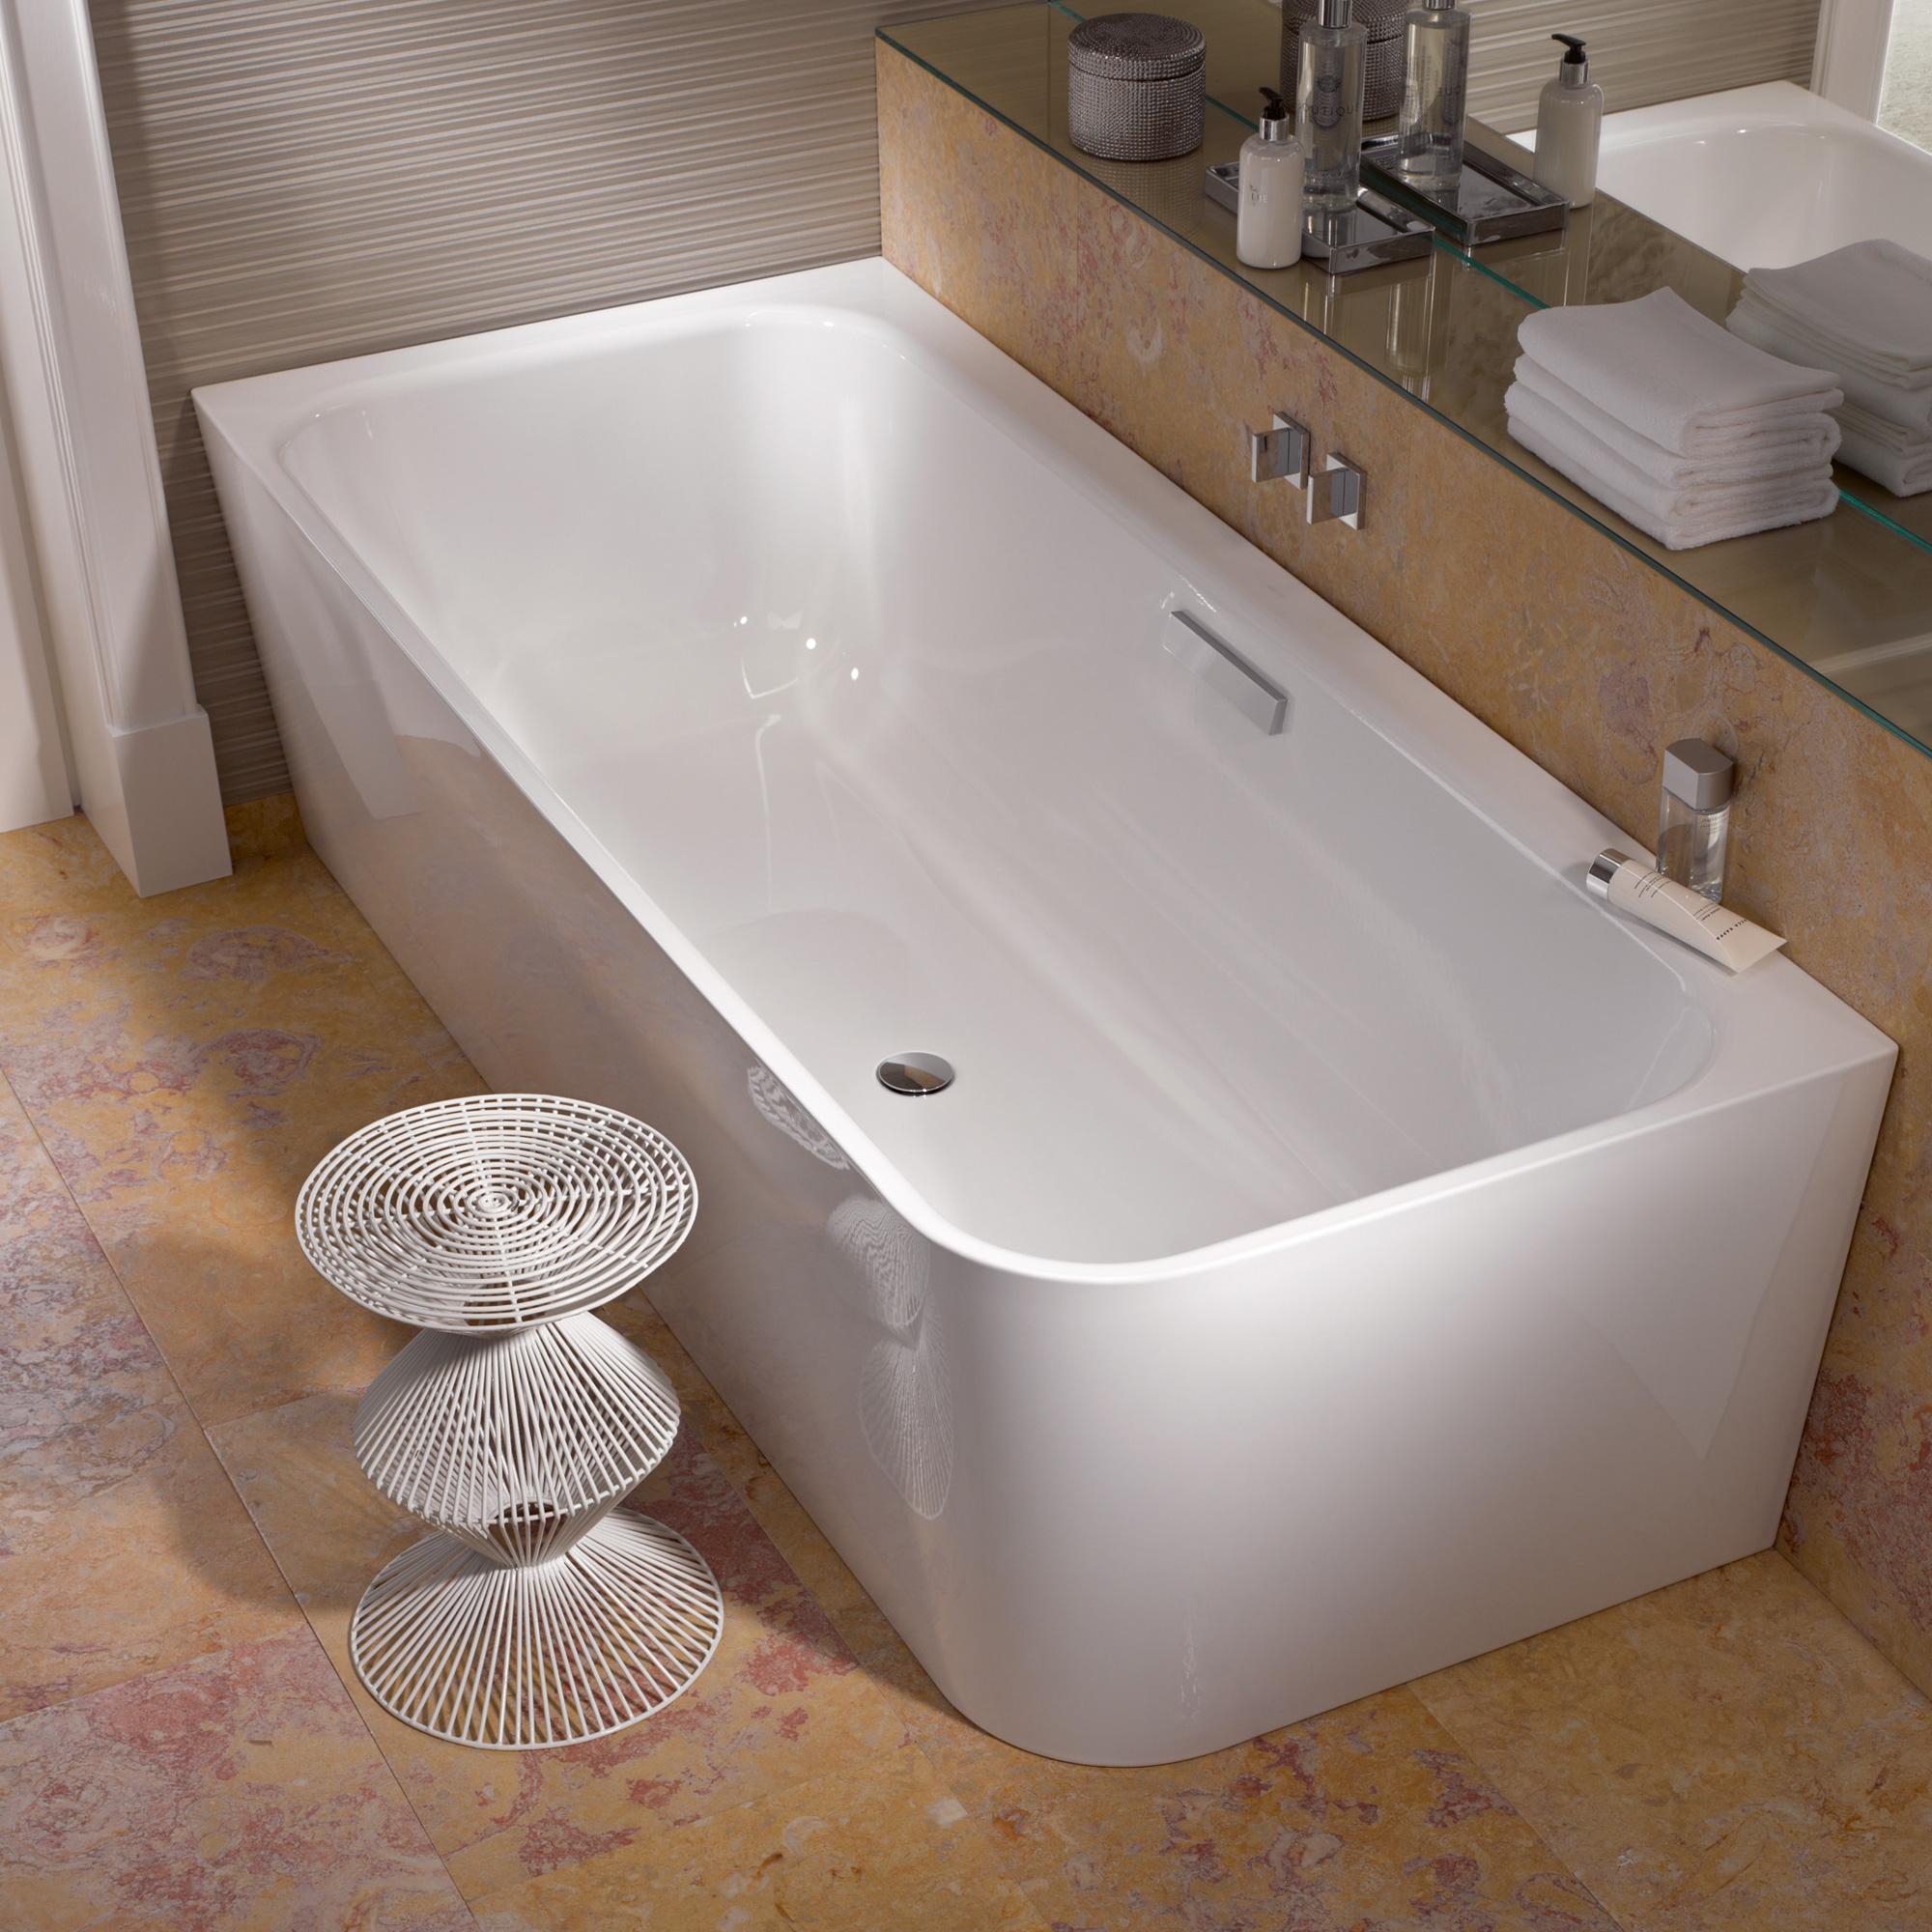 bette art iv badewanne mit ab und berlaufgarnitur ohne wanneneinlauf chrom 3480 000cerhk. Black Bedroom Furniture Sets. Home Design Ideas